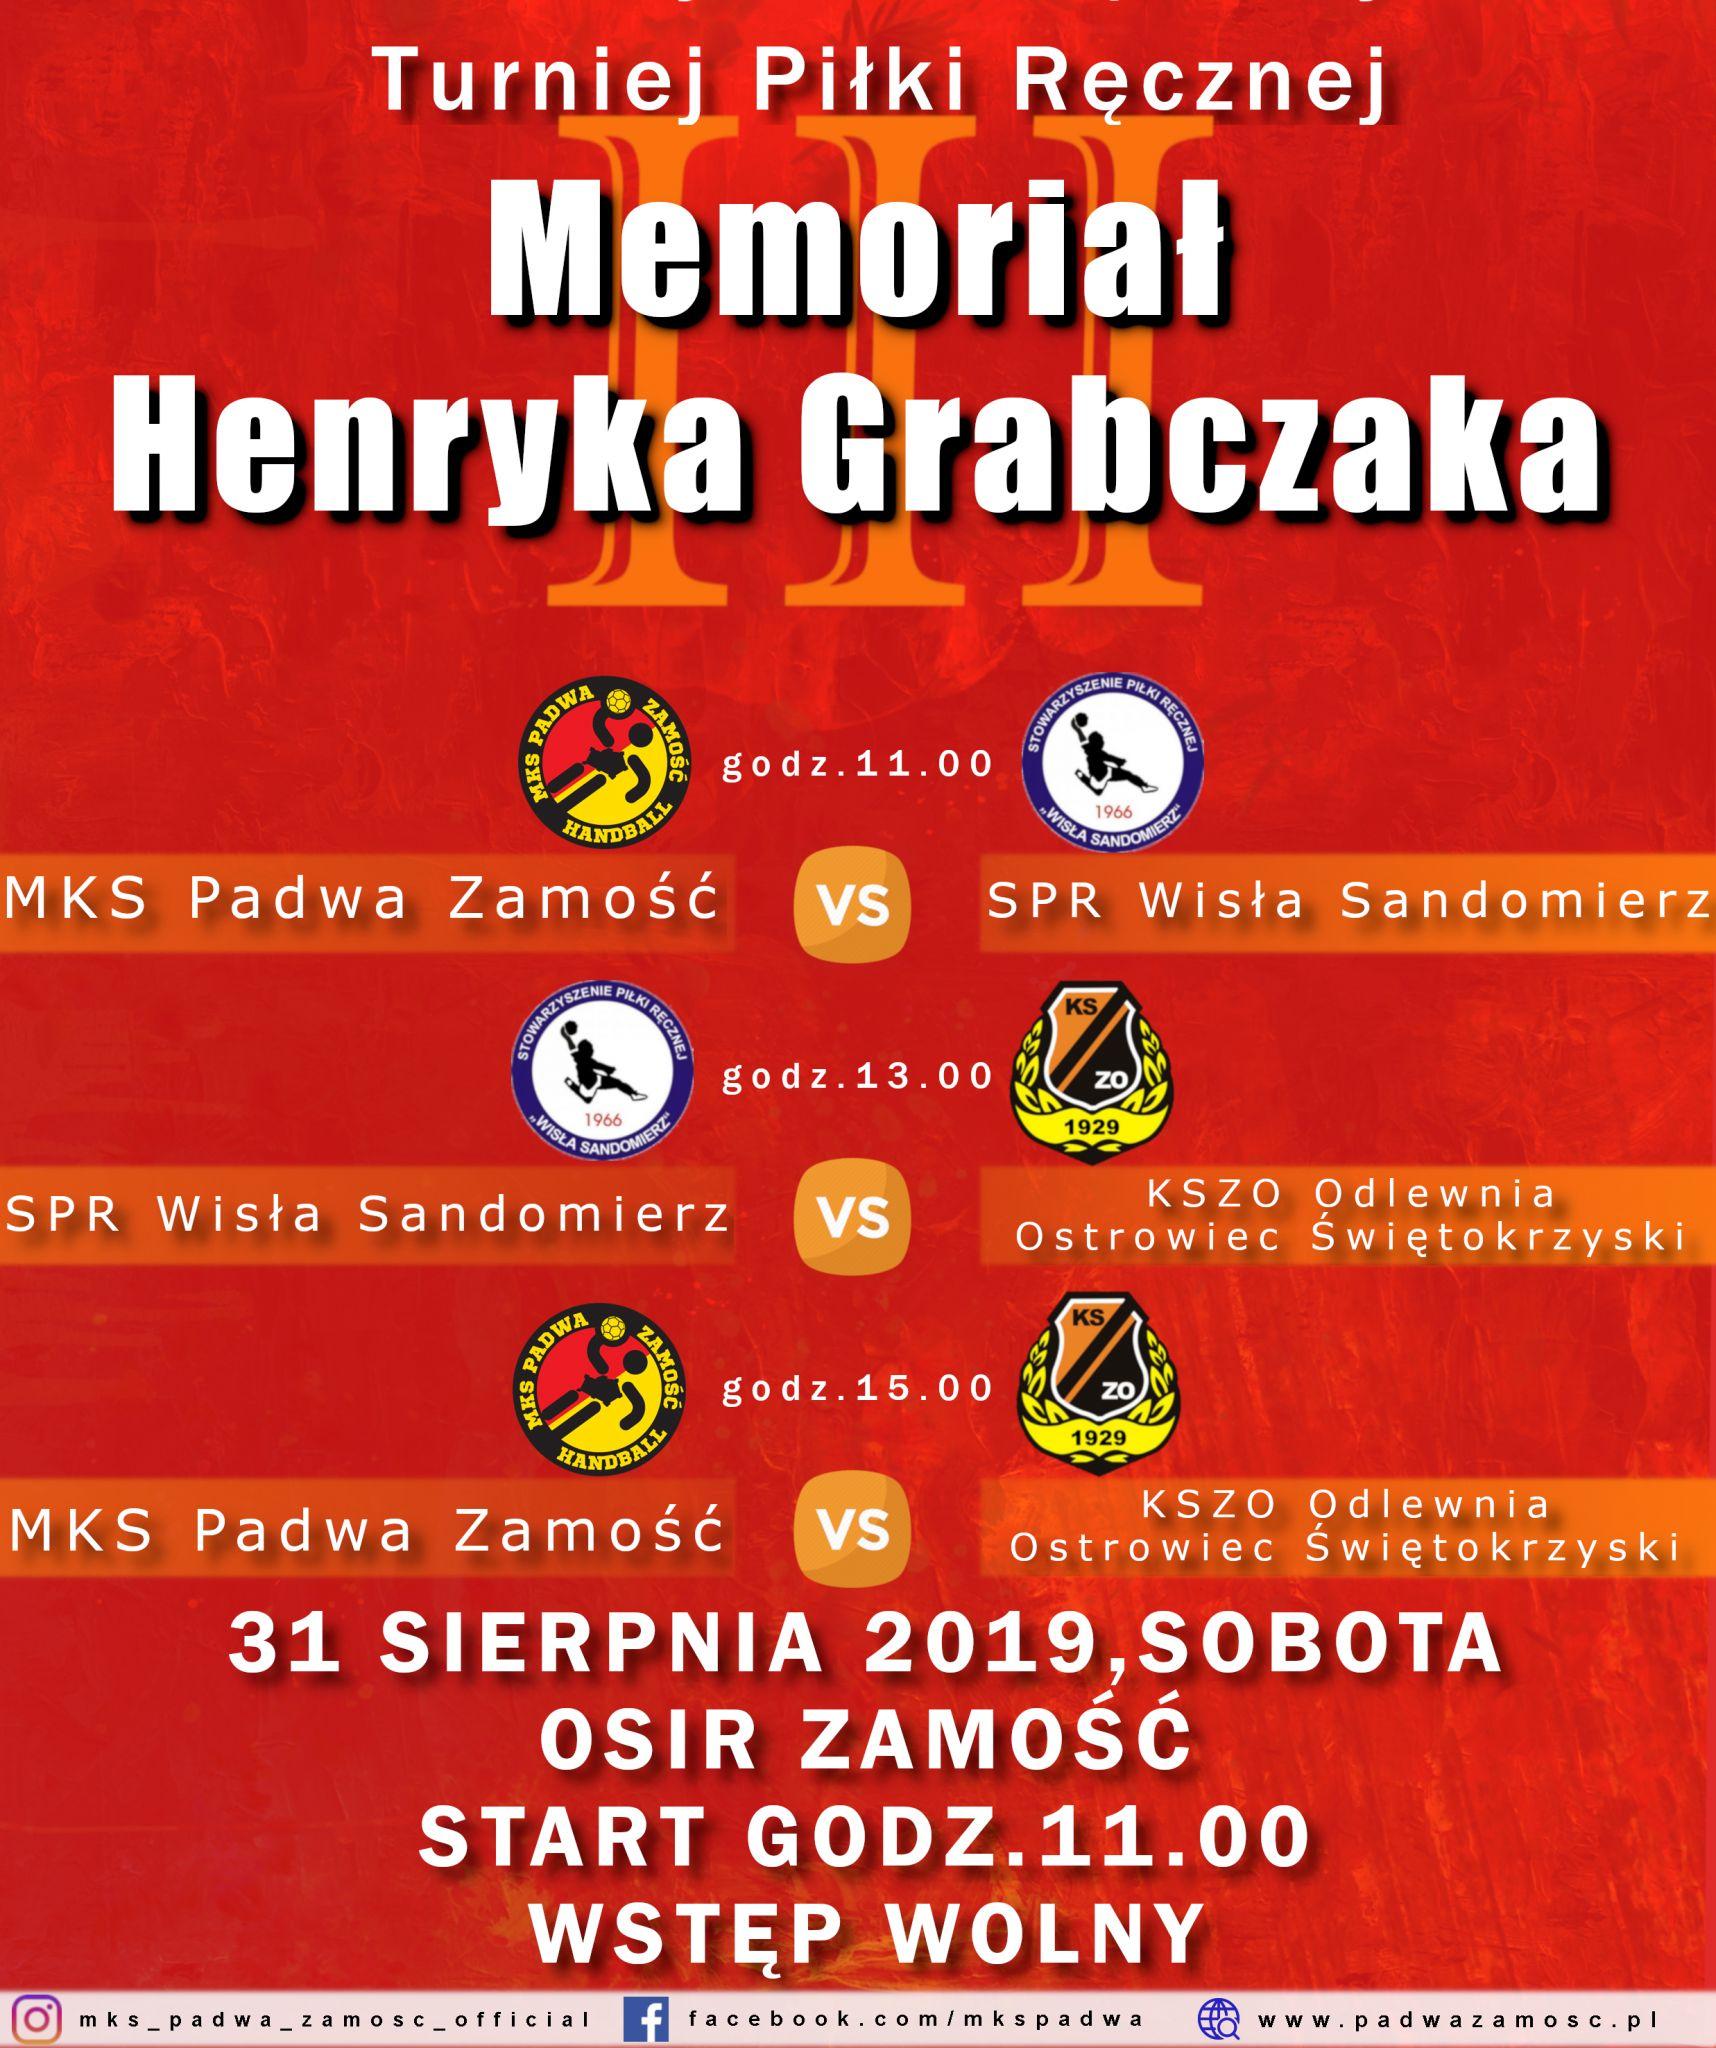 memorial MEMORIAŁ Henryka Grabczaka już 31 sierpnia w Zamościu.